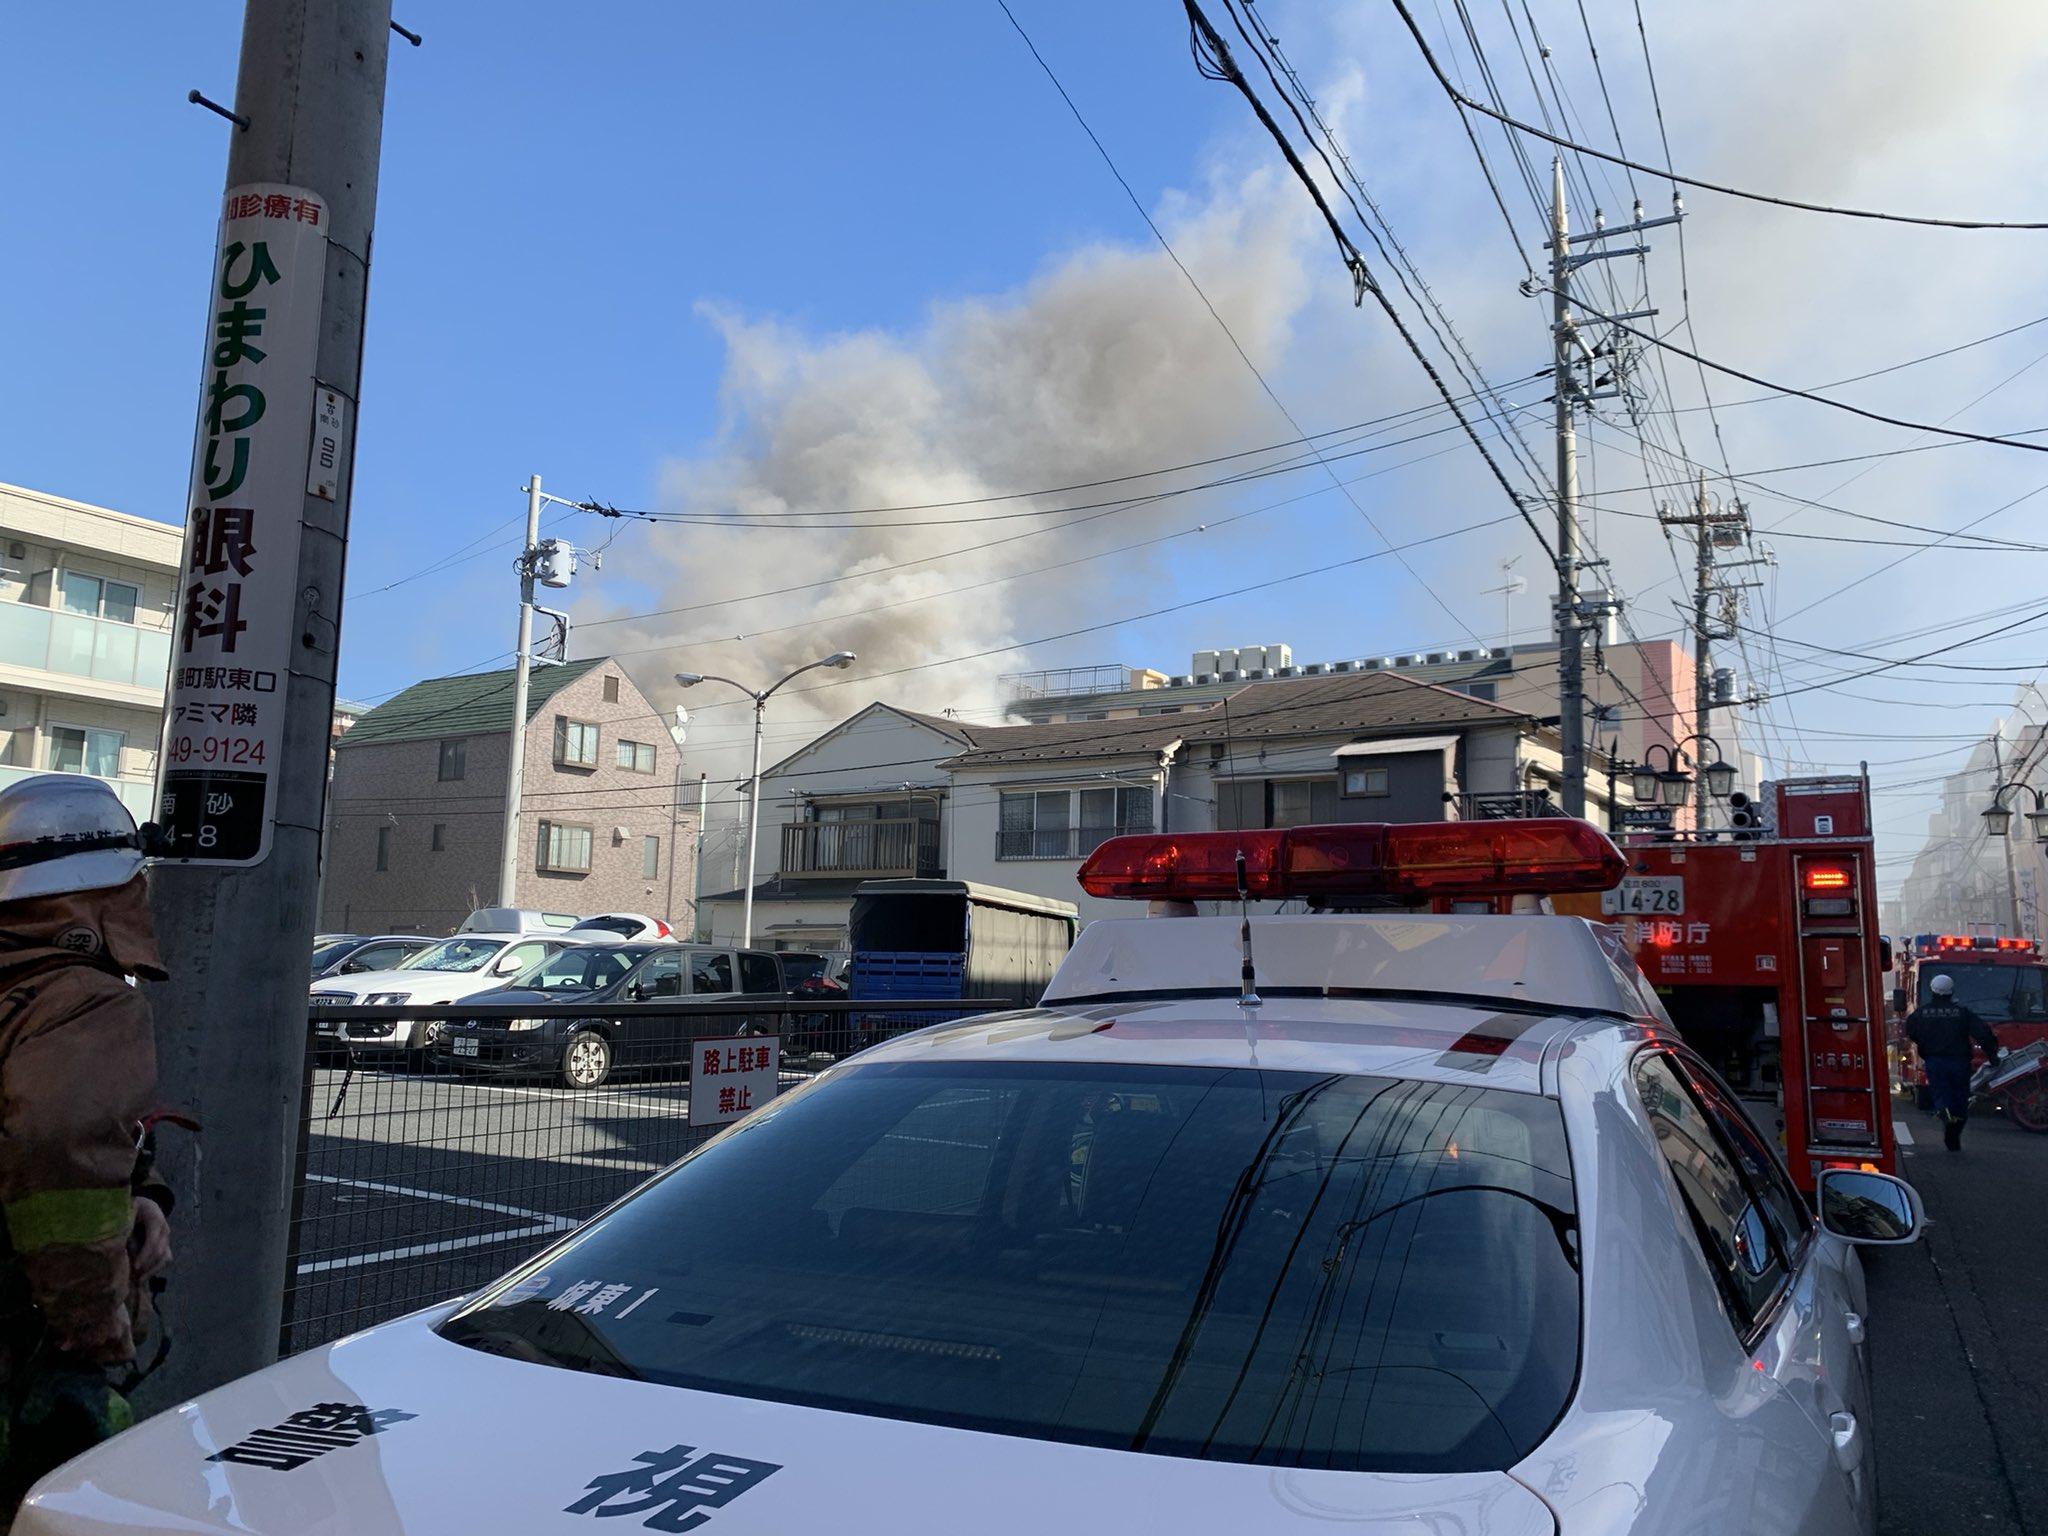 画像,南砂4丁目 火災 https://t.co/BIOSyQnSX9。